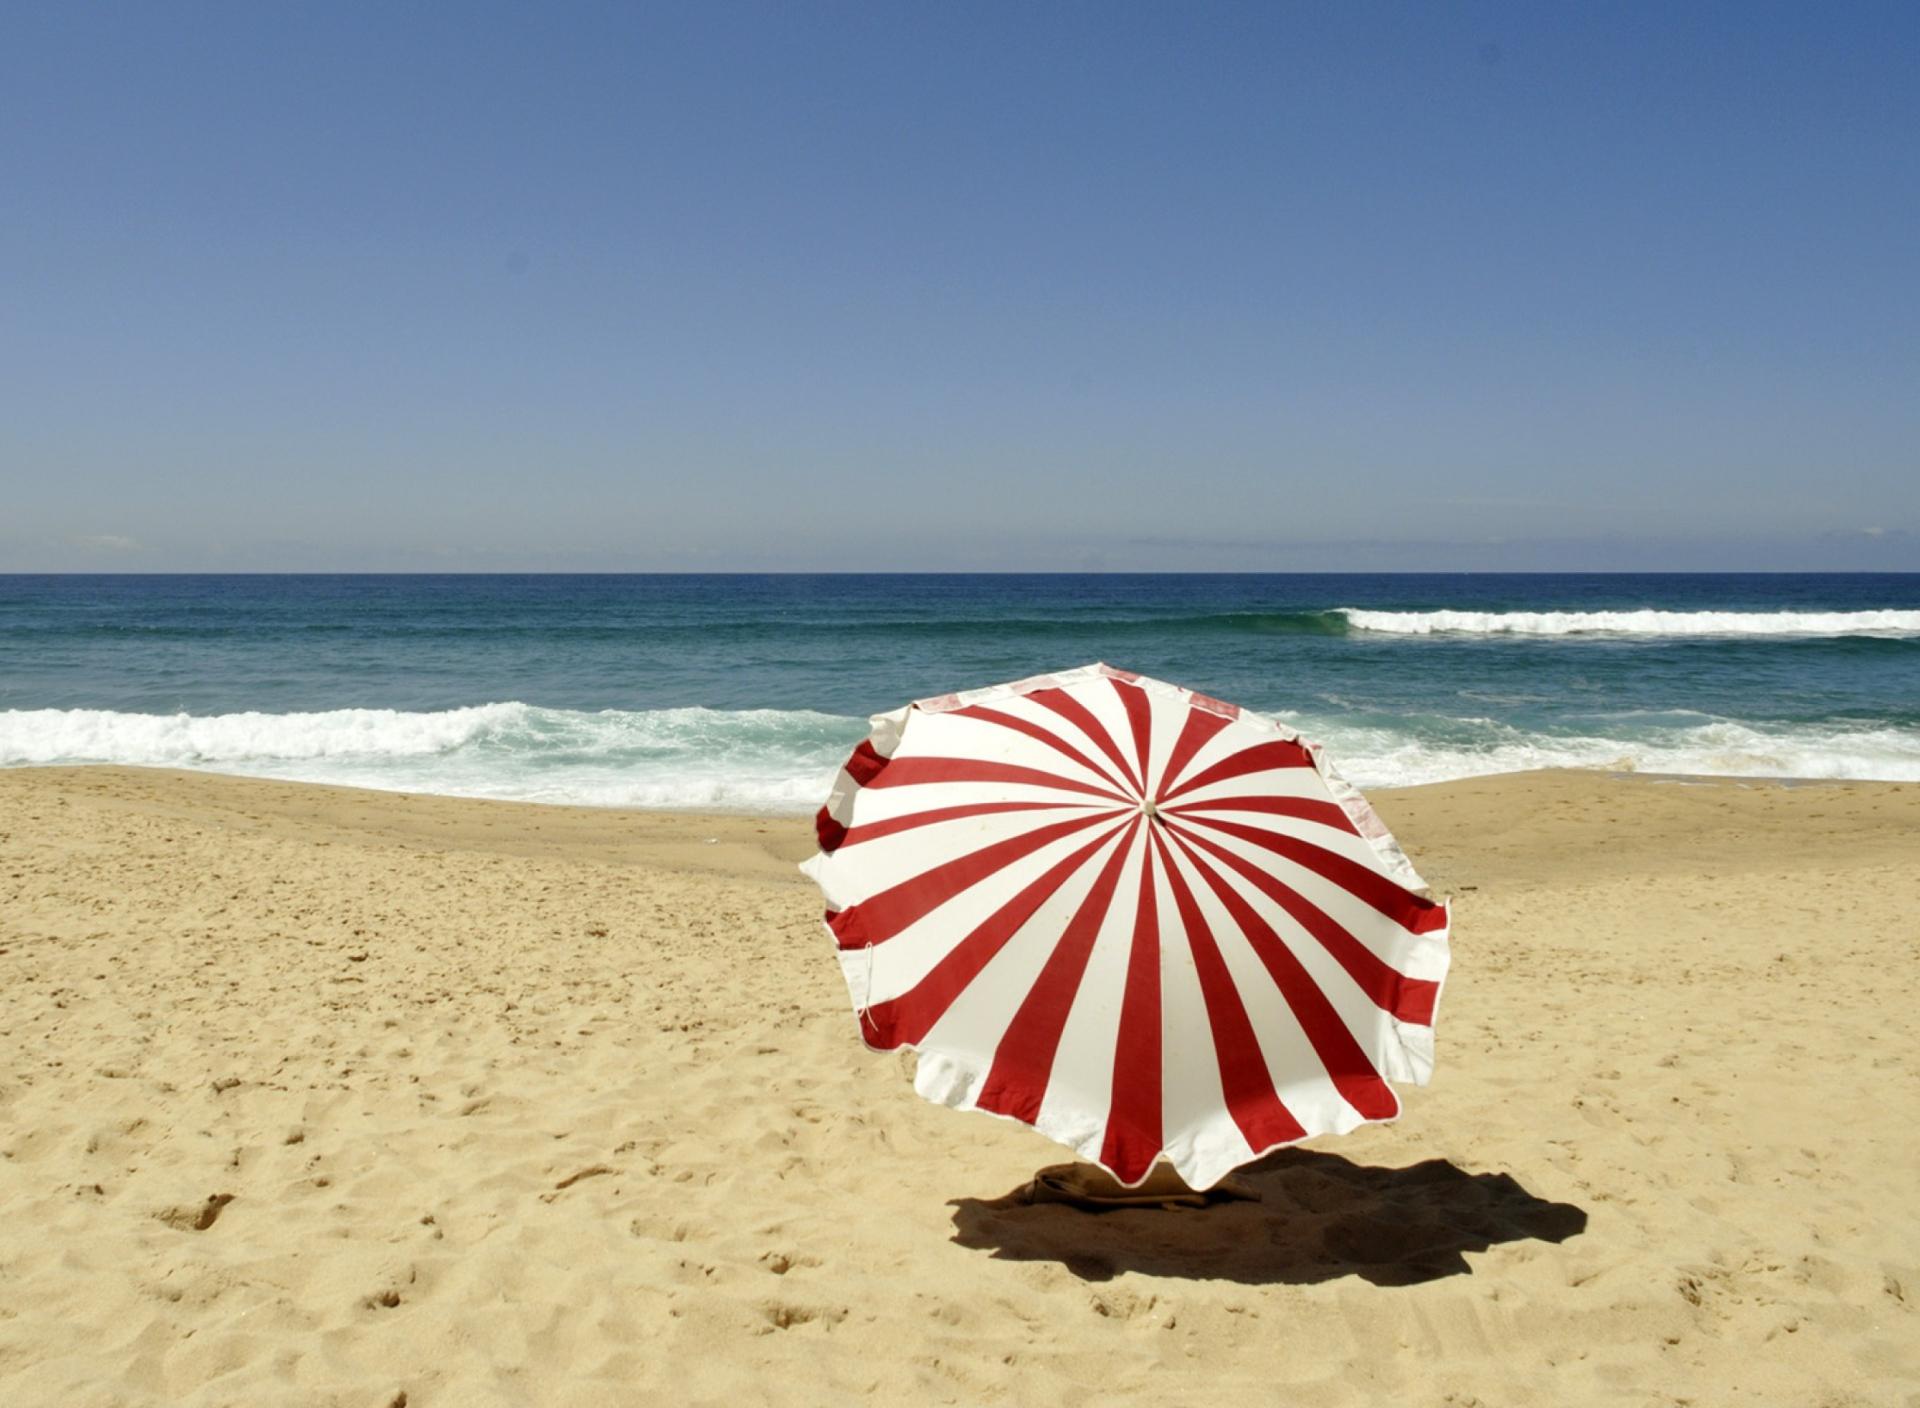 Пляж с желтыми зонтами бесплатно